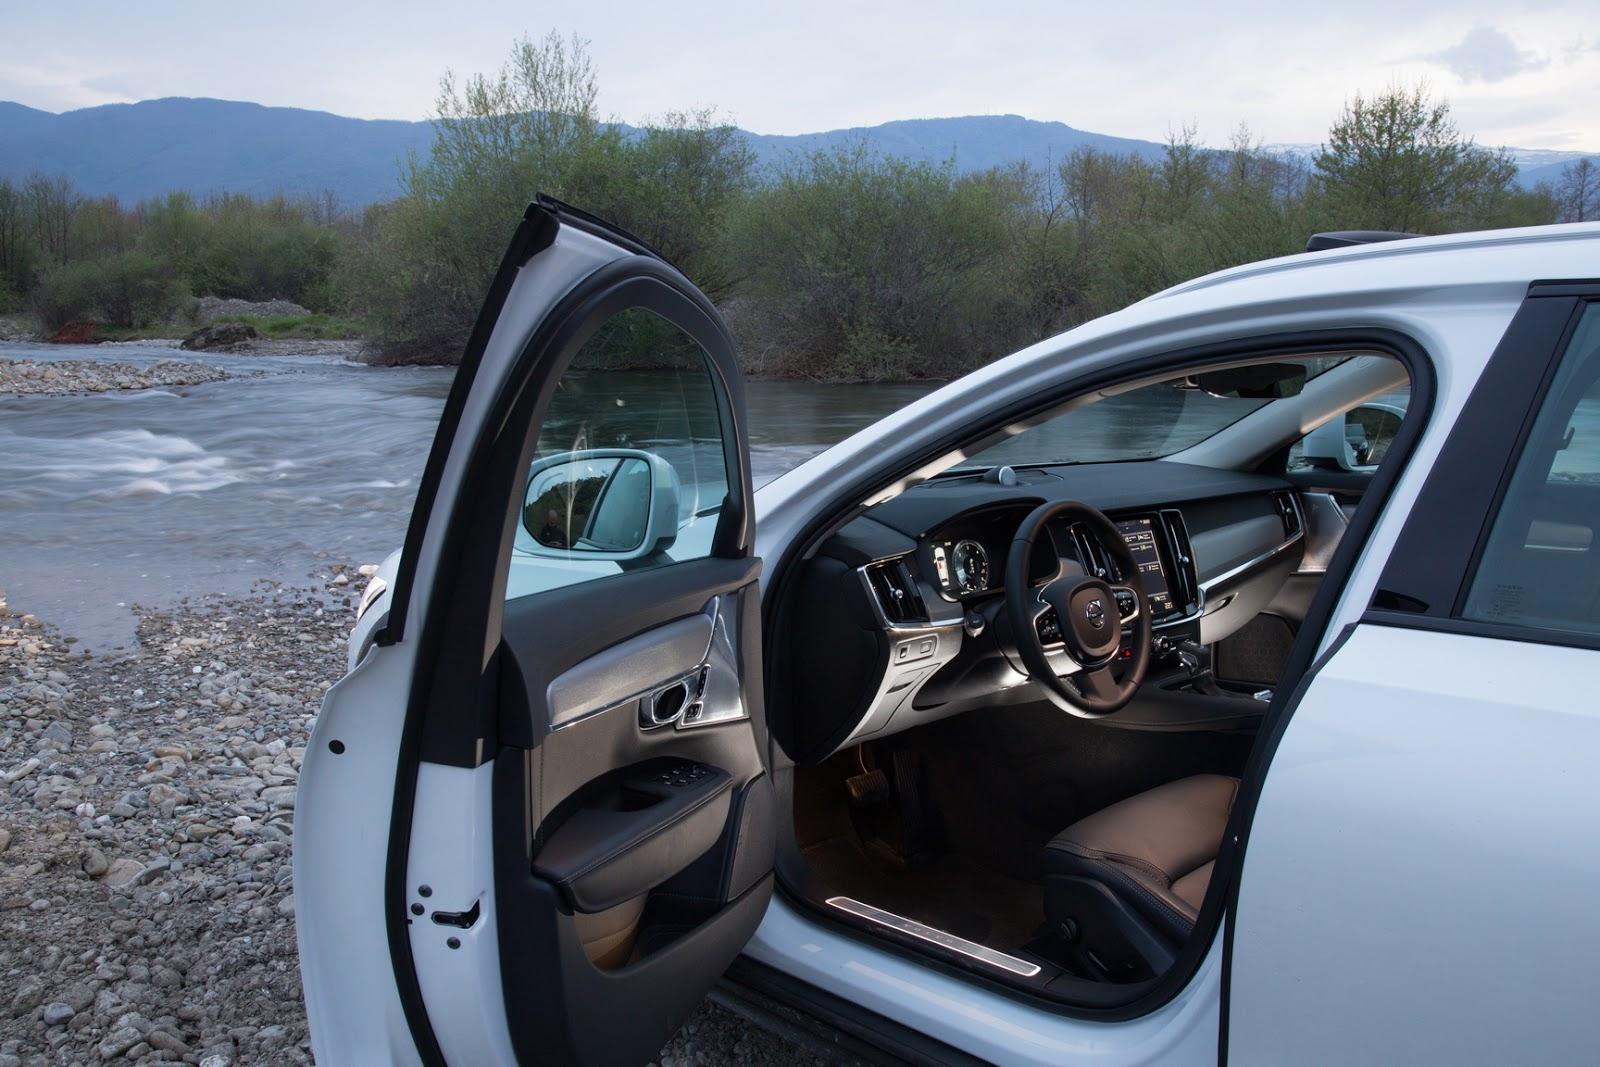 V902BCROSS2BCOUNTRY2B39 1 Το Volvo V90 Cross Country απευθύνεται σε ανήσυχους εξερευνητές της περιπέτειας! Crossover, Volvo, Volvo Car Hellas, Volvo Cars, Volvo V70 XC, Volvo V90 Cross Country, Volvo XC70